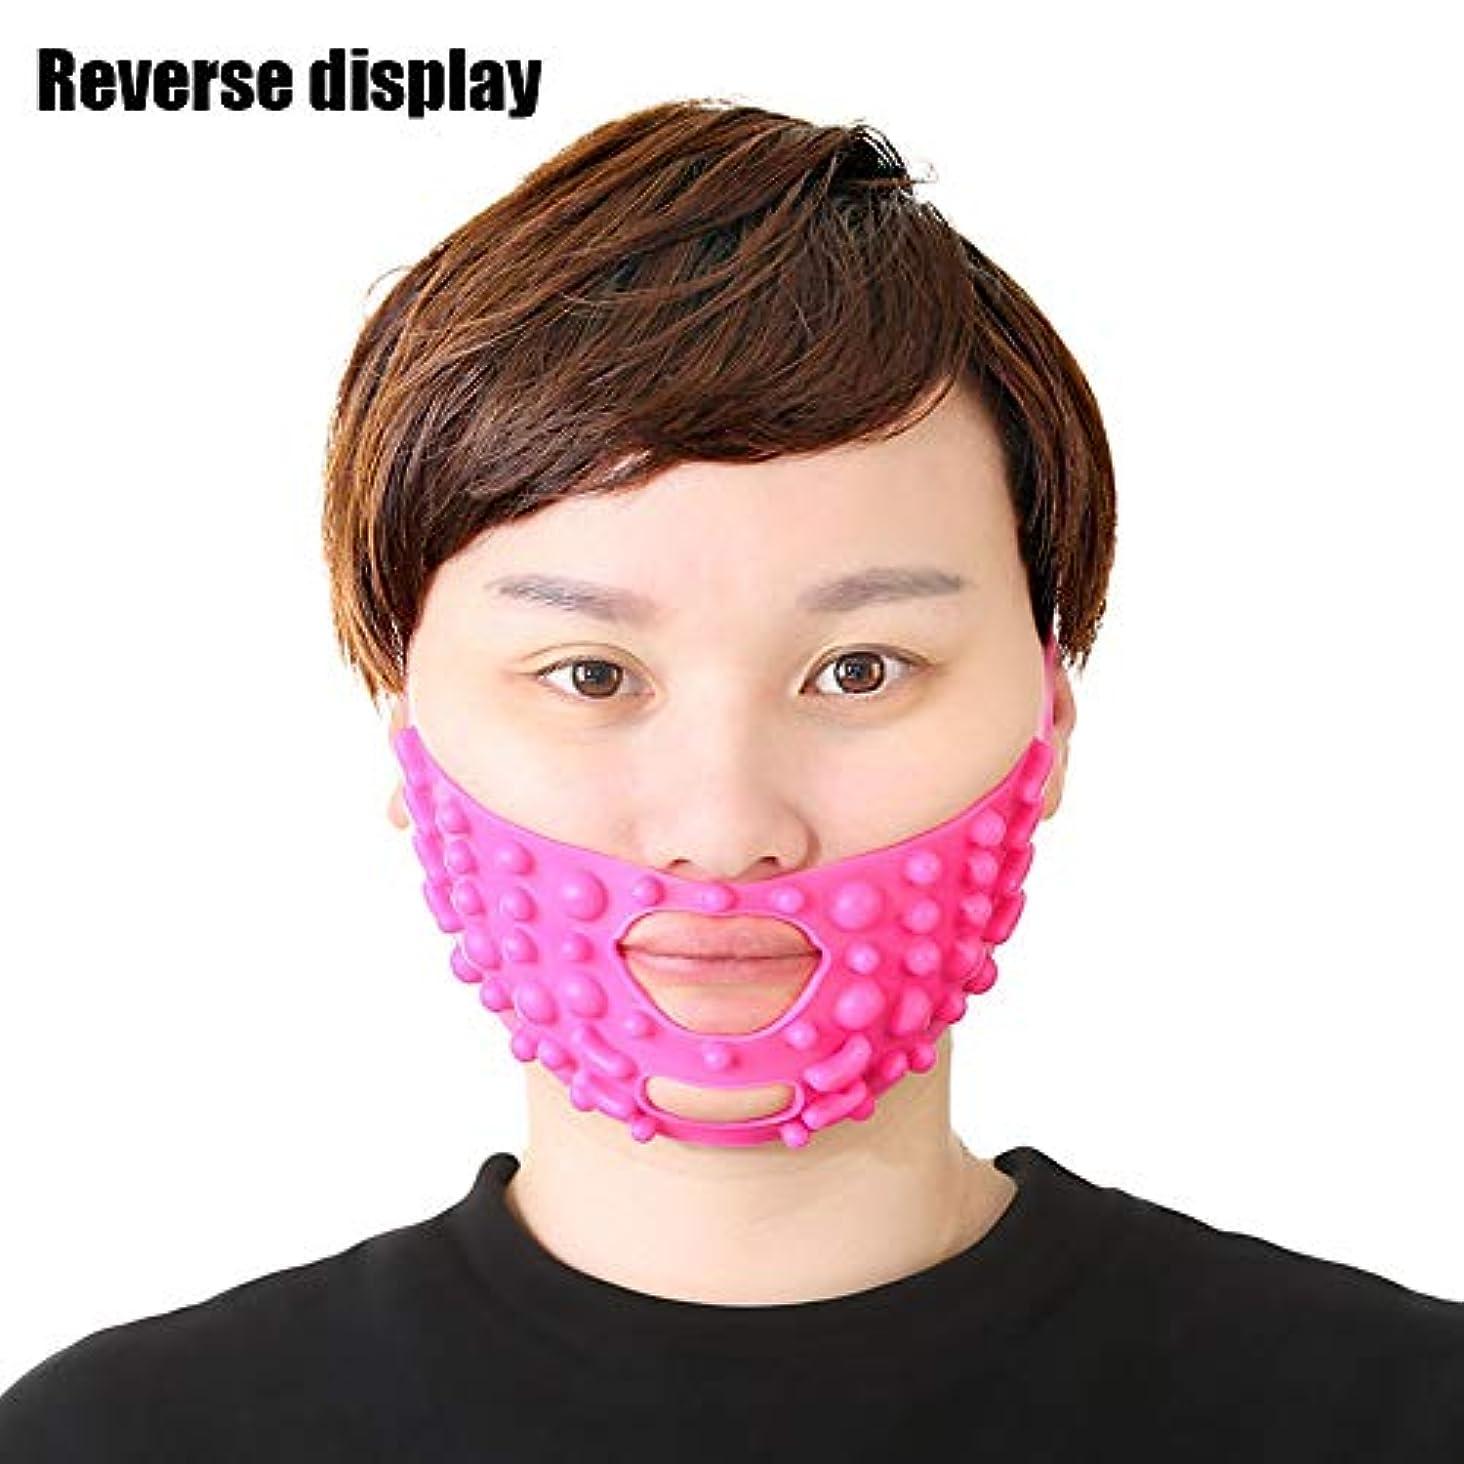 地獄苦味隣人フェイシャルマッサージ包帯、持ち上げ、引き締め、法則パターンを改善して小さなVフェイス/二重あごマスクを作成(ローズレッド)